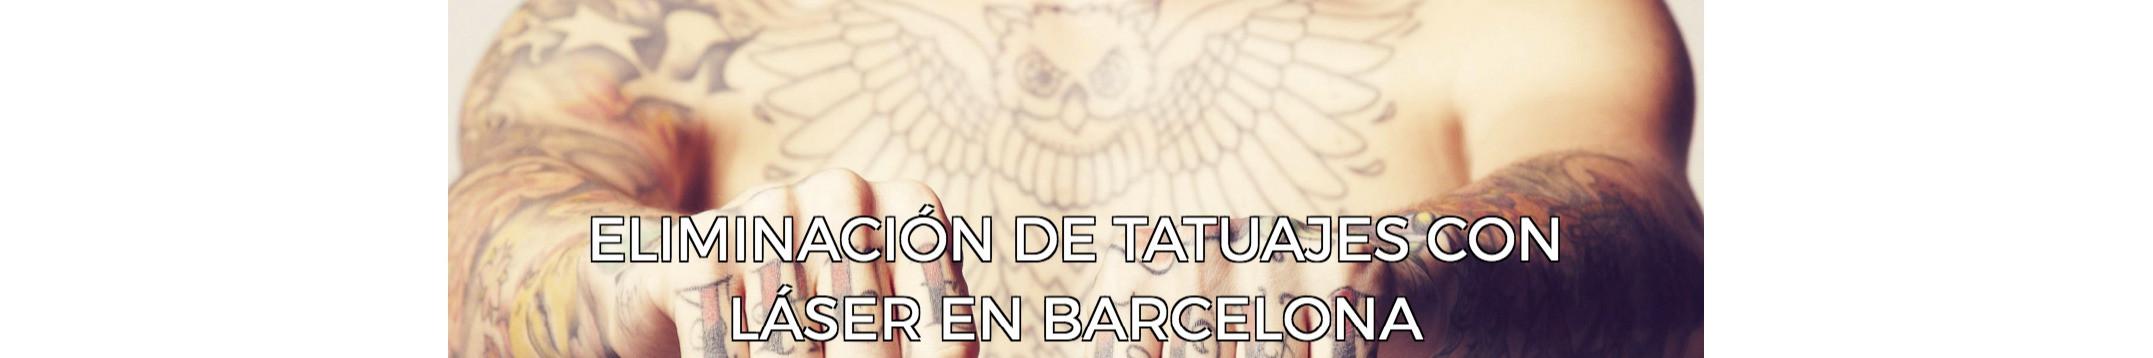 Eliminación de tatuajes en Barcelona